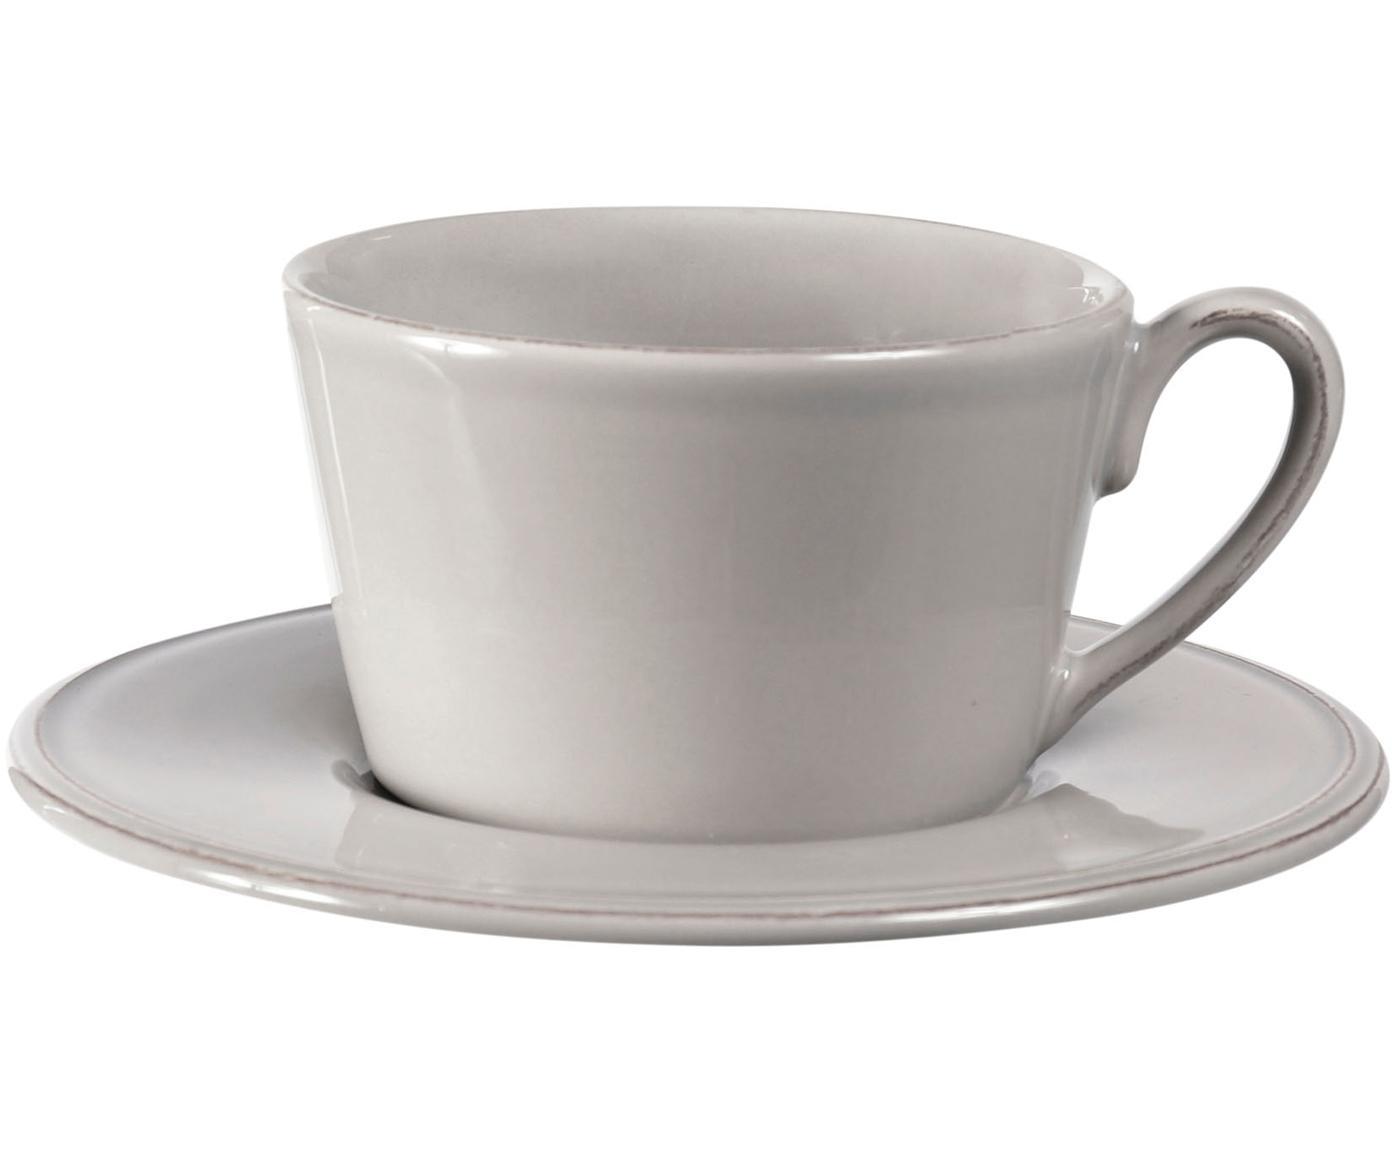 Taza de té con platito Constance, estilo rústico, Gres, Gris claro, Ø 19 x Al 8 cm